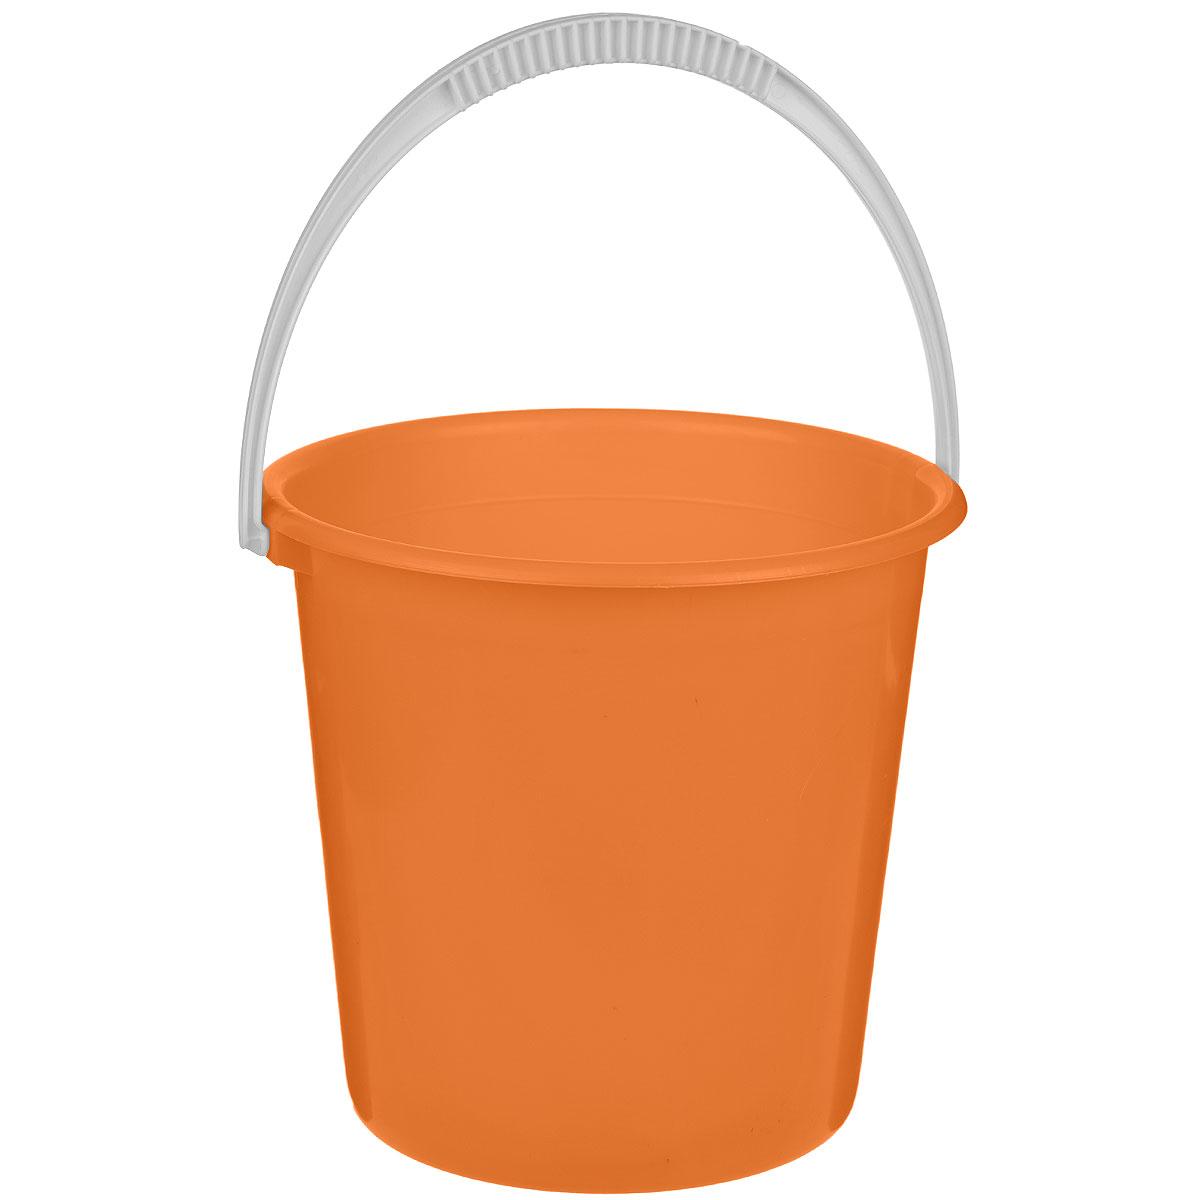 Ведро Альтернатива Крепыш, цвет: оранжевый, 10 лК117Ведро Альтернатива Крепыш изготовлено из высококачественного одноцветного пластика. Оно легче железного и не подвержено коррозии. Ведро оснащено удобной пластиковой ручкой. Такое ведро станет незаменимым помощником в хозяйстве. Диаметр: 28 см.Высота: 27 см.